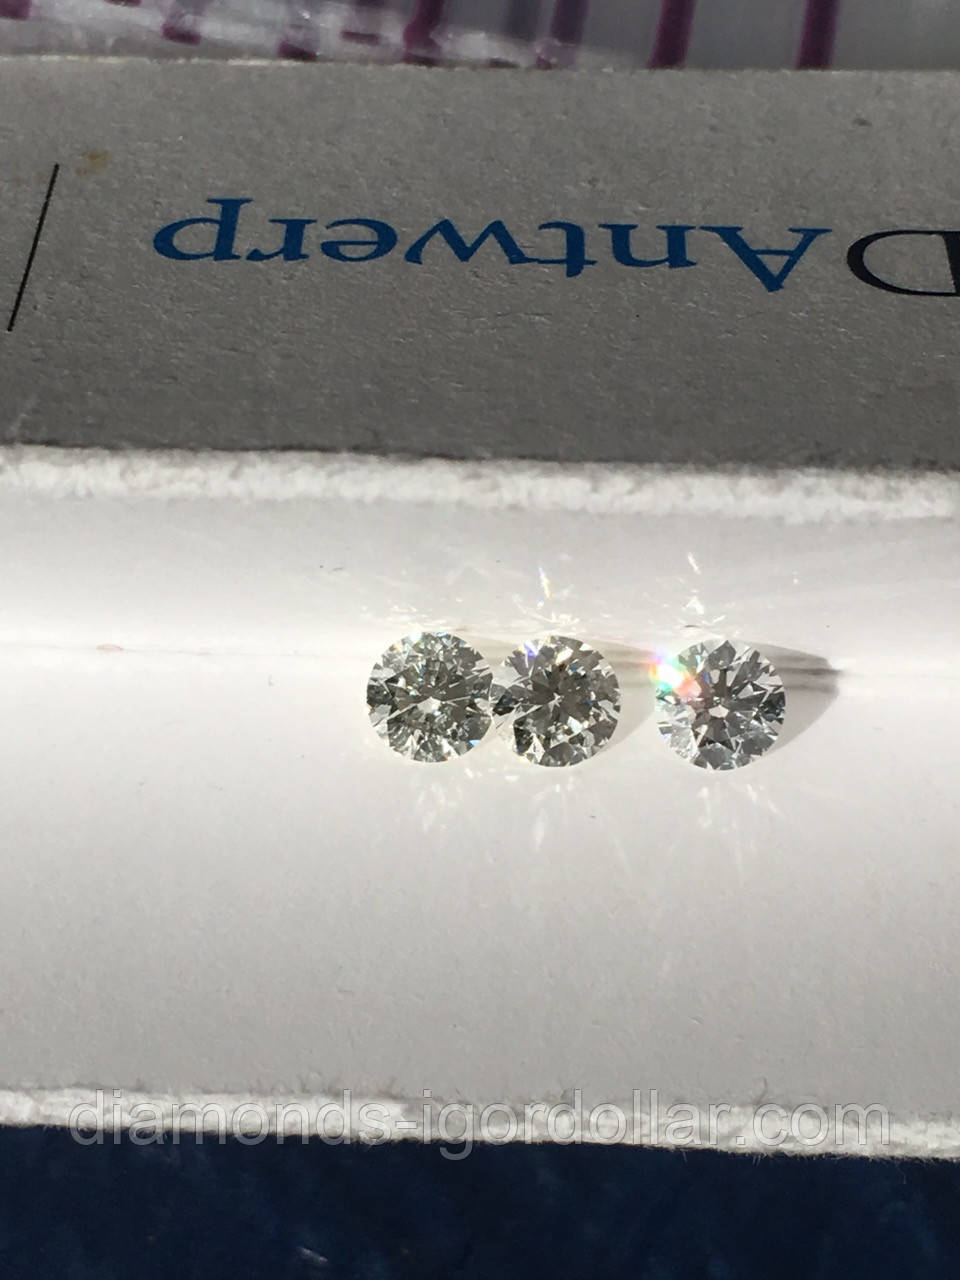 Бриллиант натуральный природный идеально белый чистый купить в Украине 3,2 мм 0,12 карат 2/3-2/4